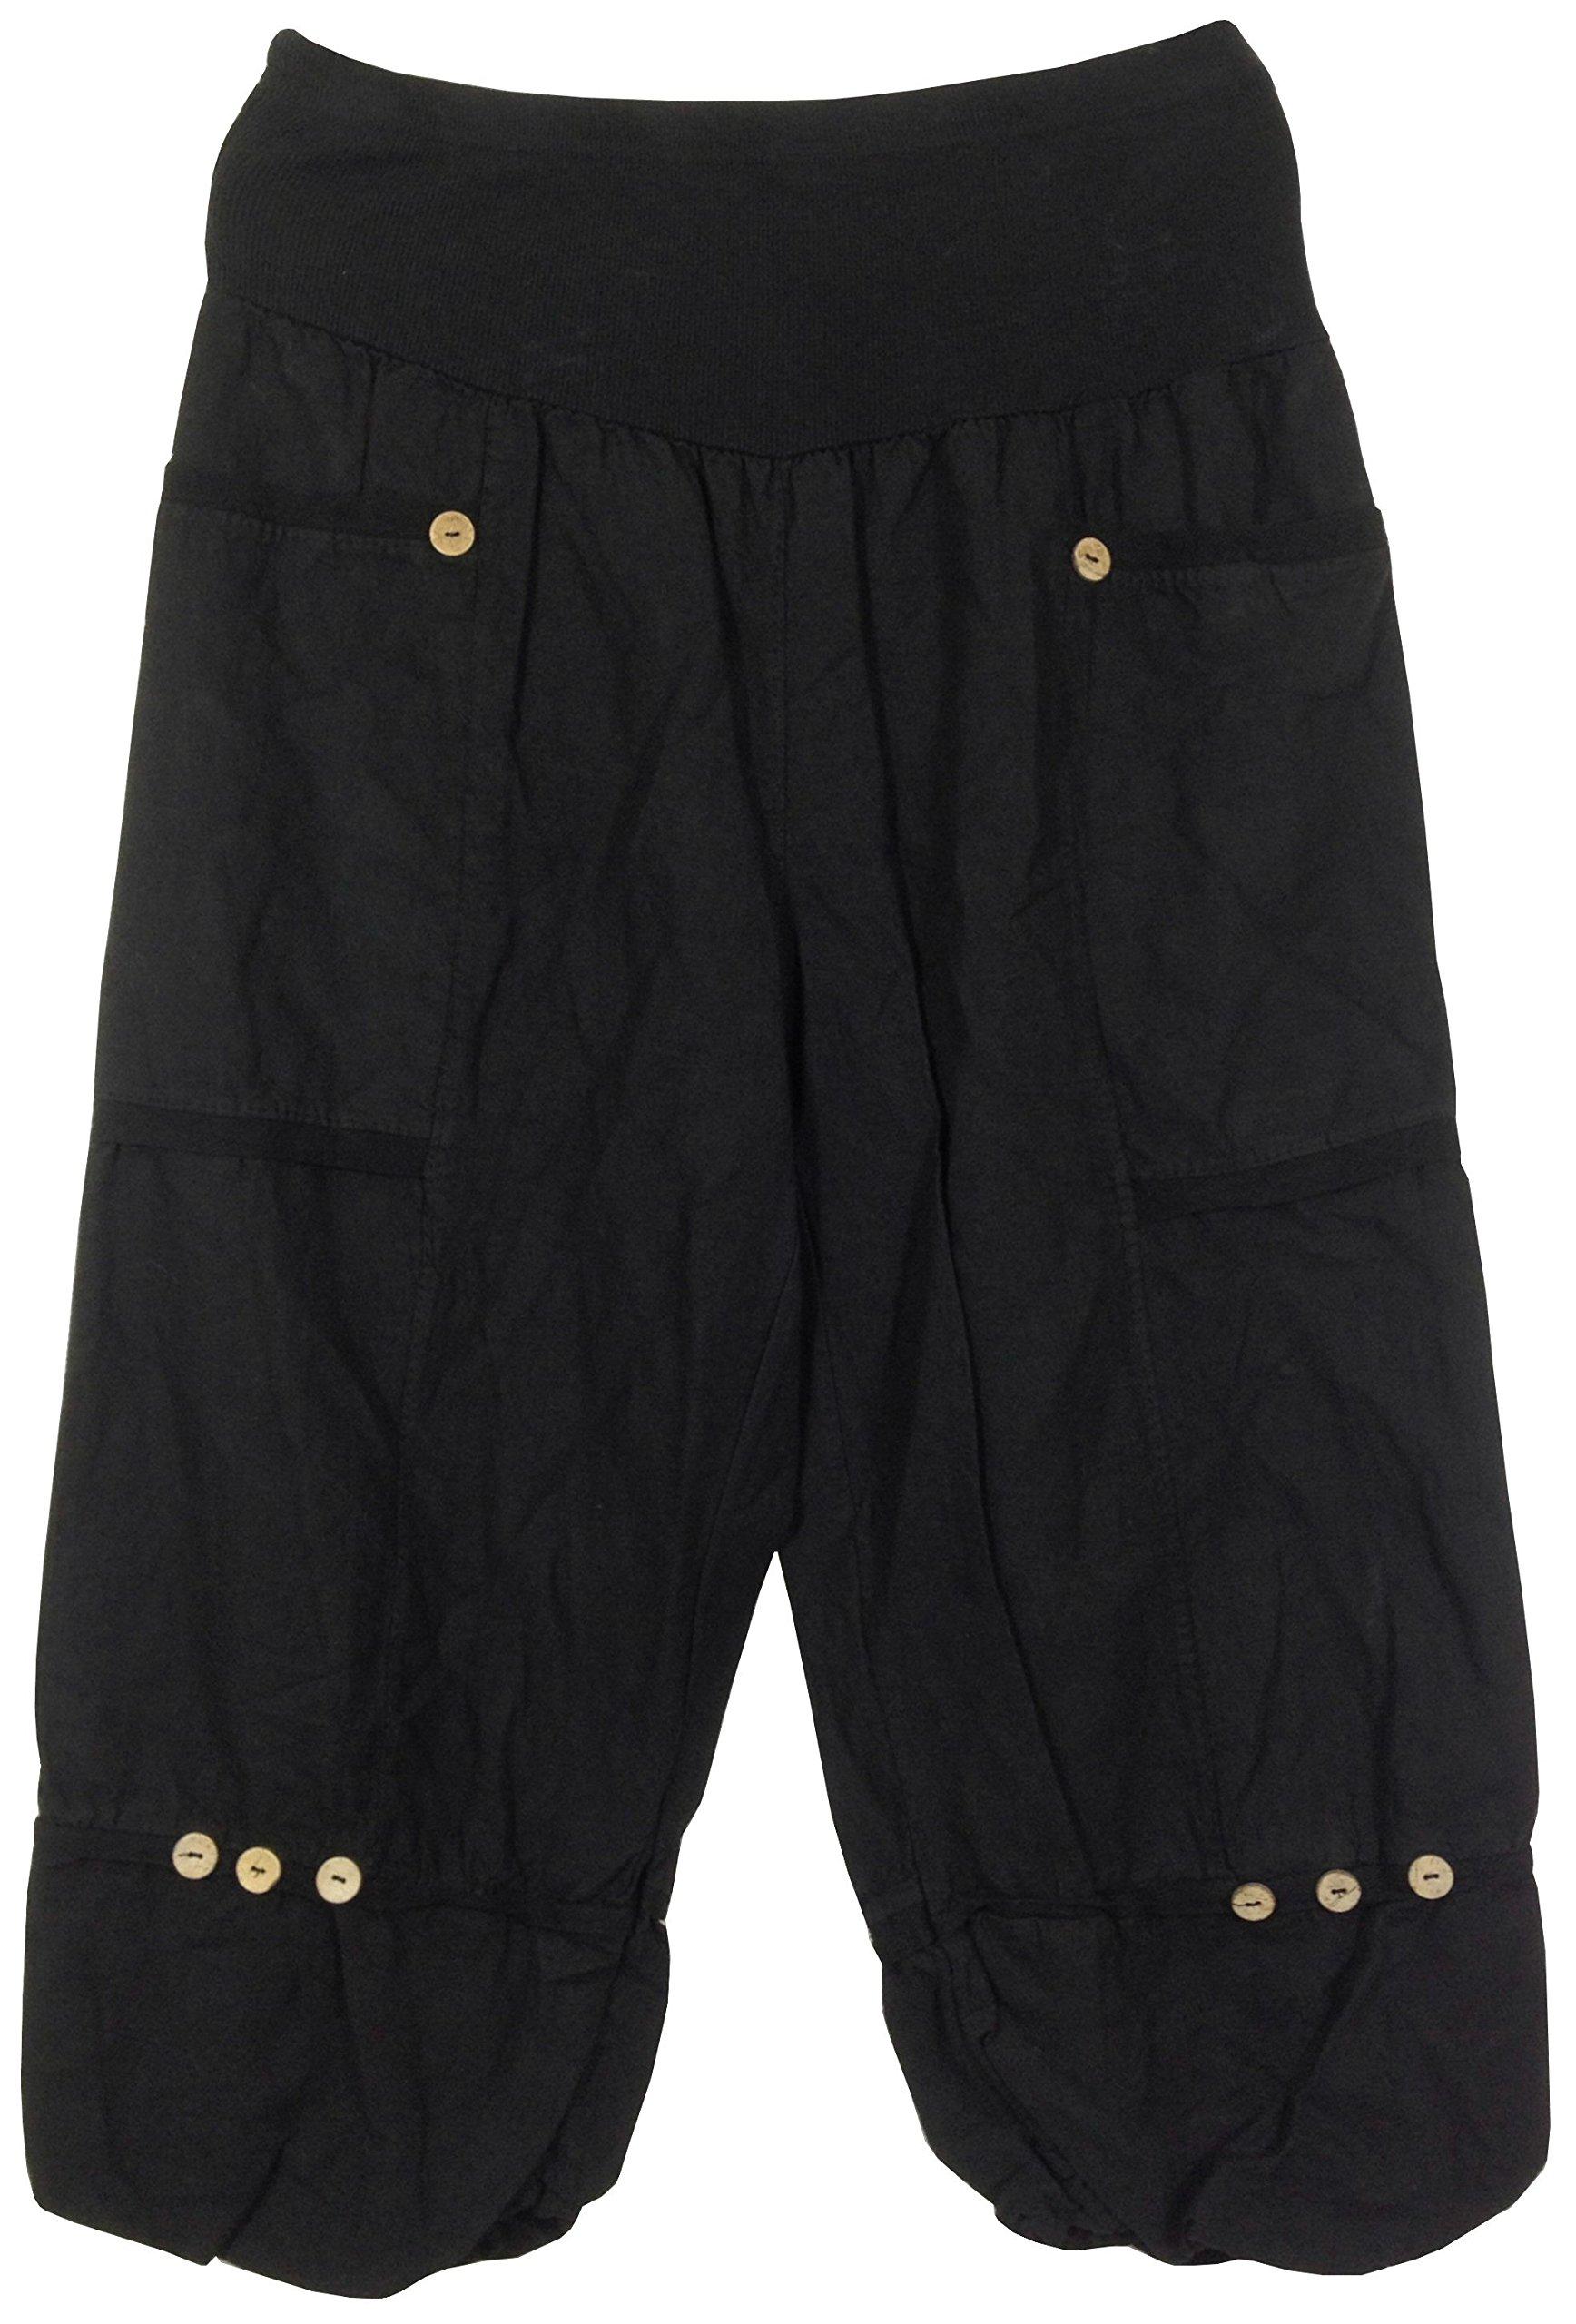 3/4 Pantacourt en lin femme, 2 poches appliquées, longueur env. 80 cm